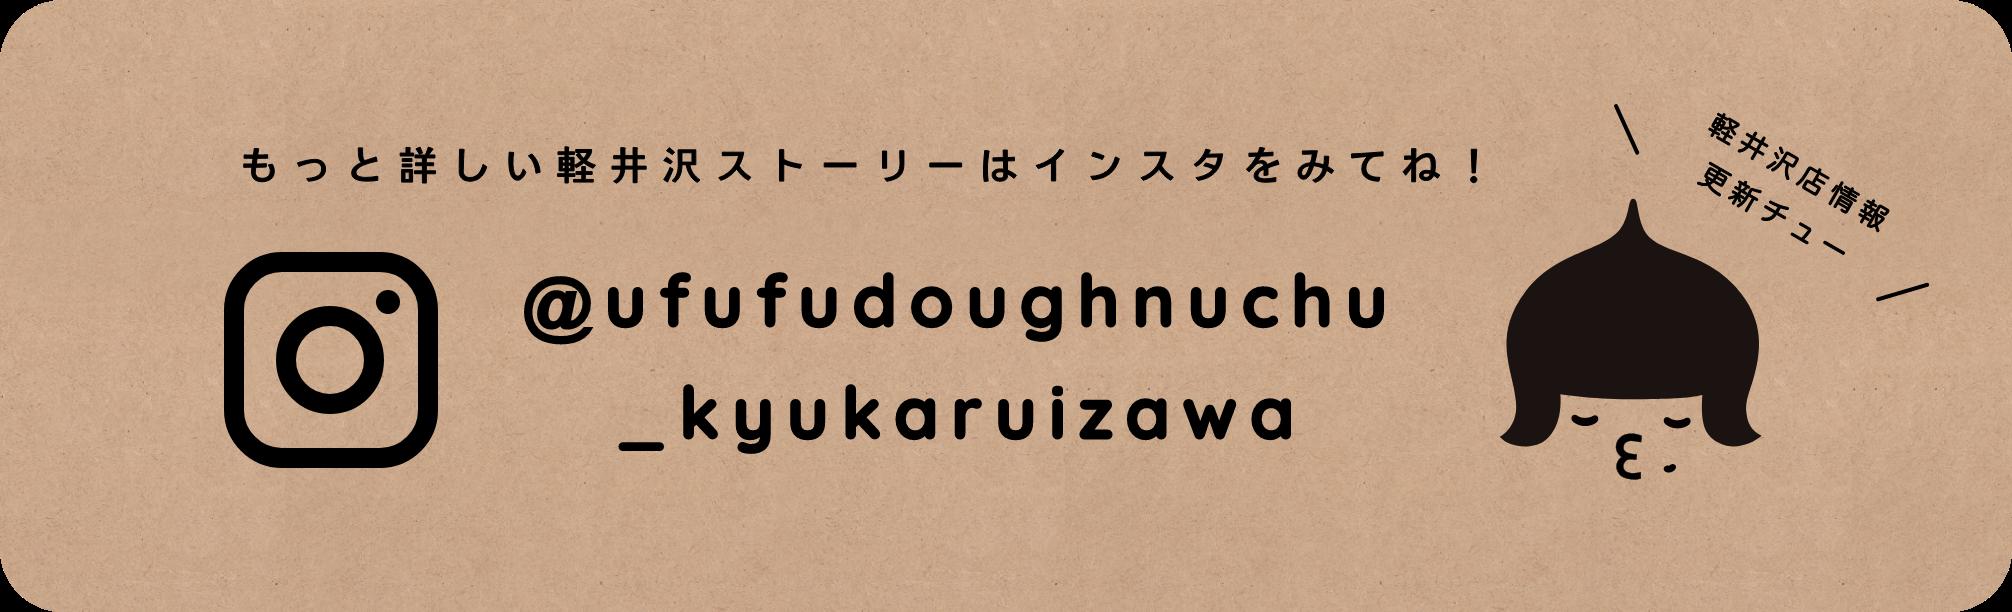 ウフフドーナチュ旧軽井沢店公式インスタグラム